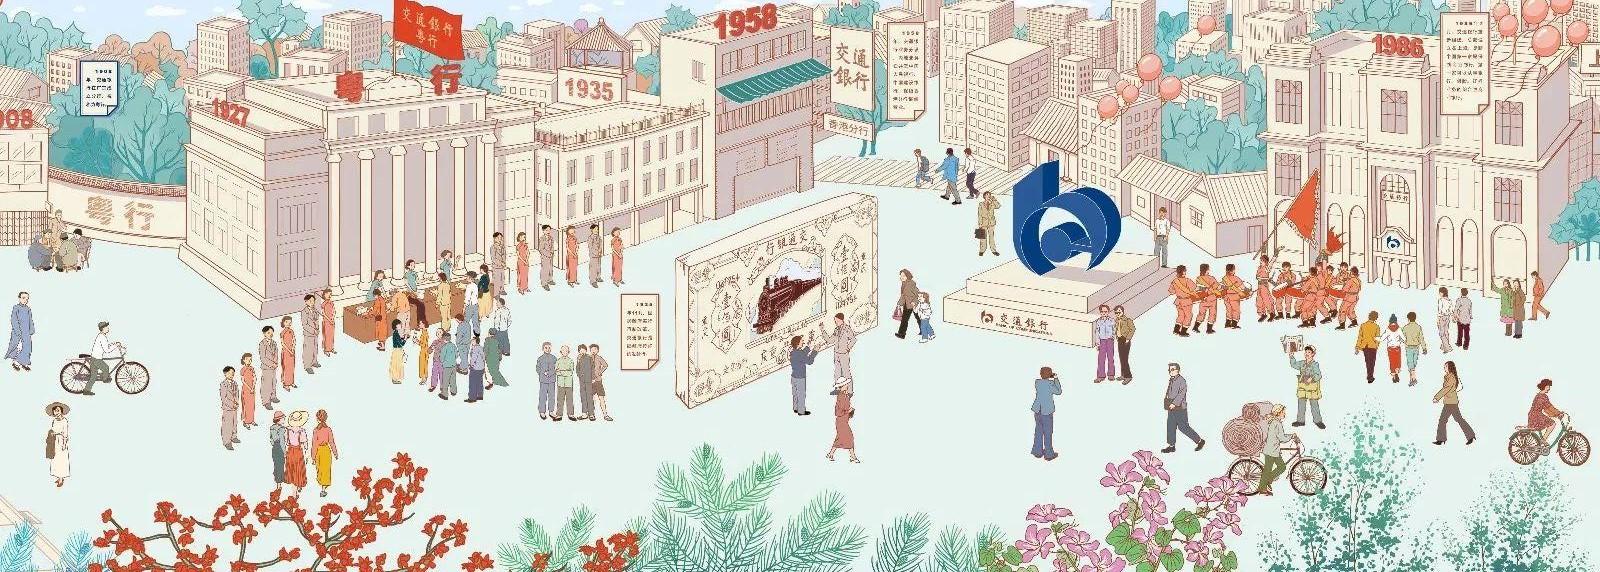 交通银行创立110周年历史长画卷